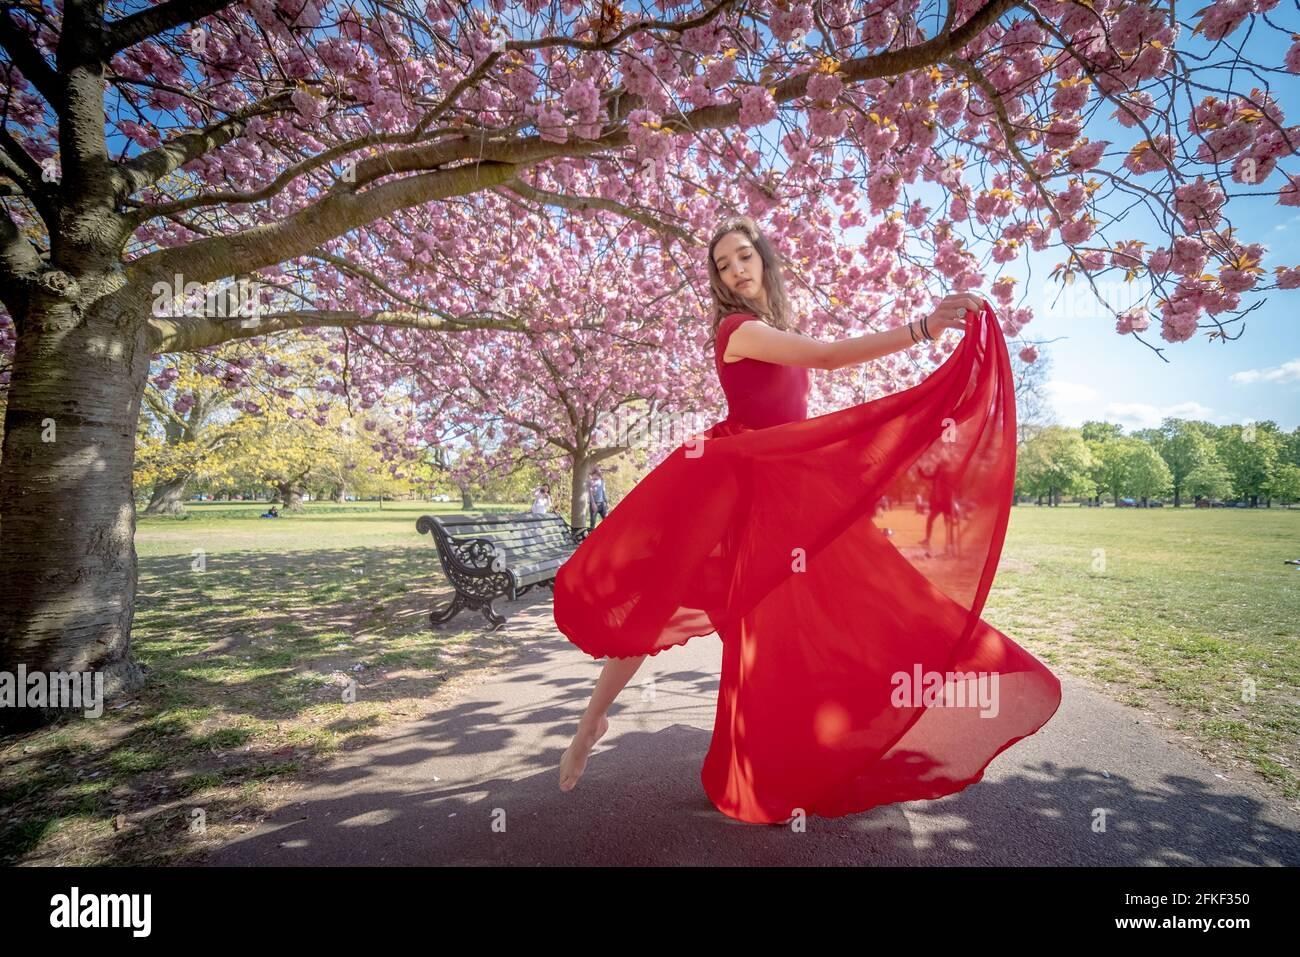 Londres, Royaume-Uni. 1er mai 2021. Météo au Royaume-Uni : le soleil fleurira dans Greenwich Park. Rebecca Olarescu, étudiante en formation de maîtres à la London Contemporary Dance School (LCDS), bénéficie du soleil de vacances en bord de mer en se posant près des cerisiers en fleurs de Greenwich Park. Credit: Guy Corbishley/Alamy Live News Banque D'Images